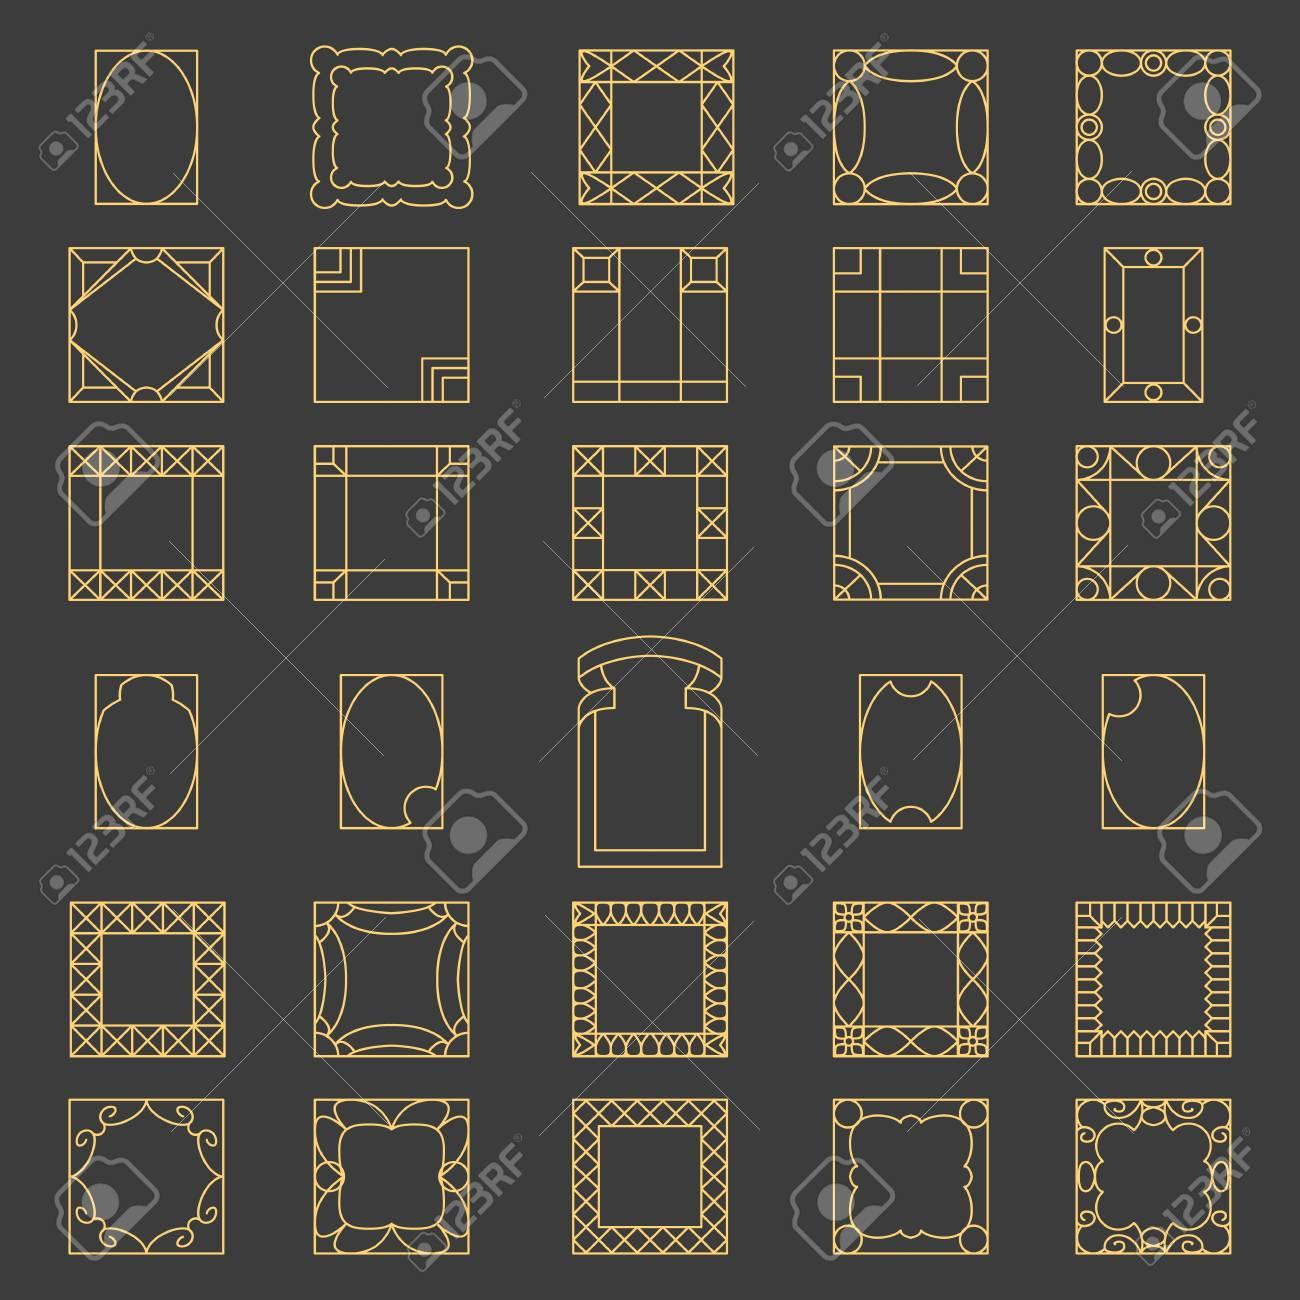 Marcos modernos cuadrados imagen vectorial R t